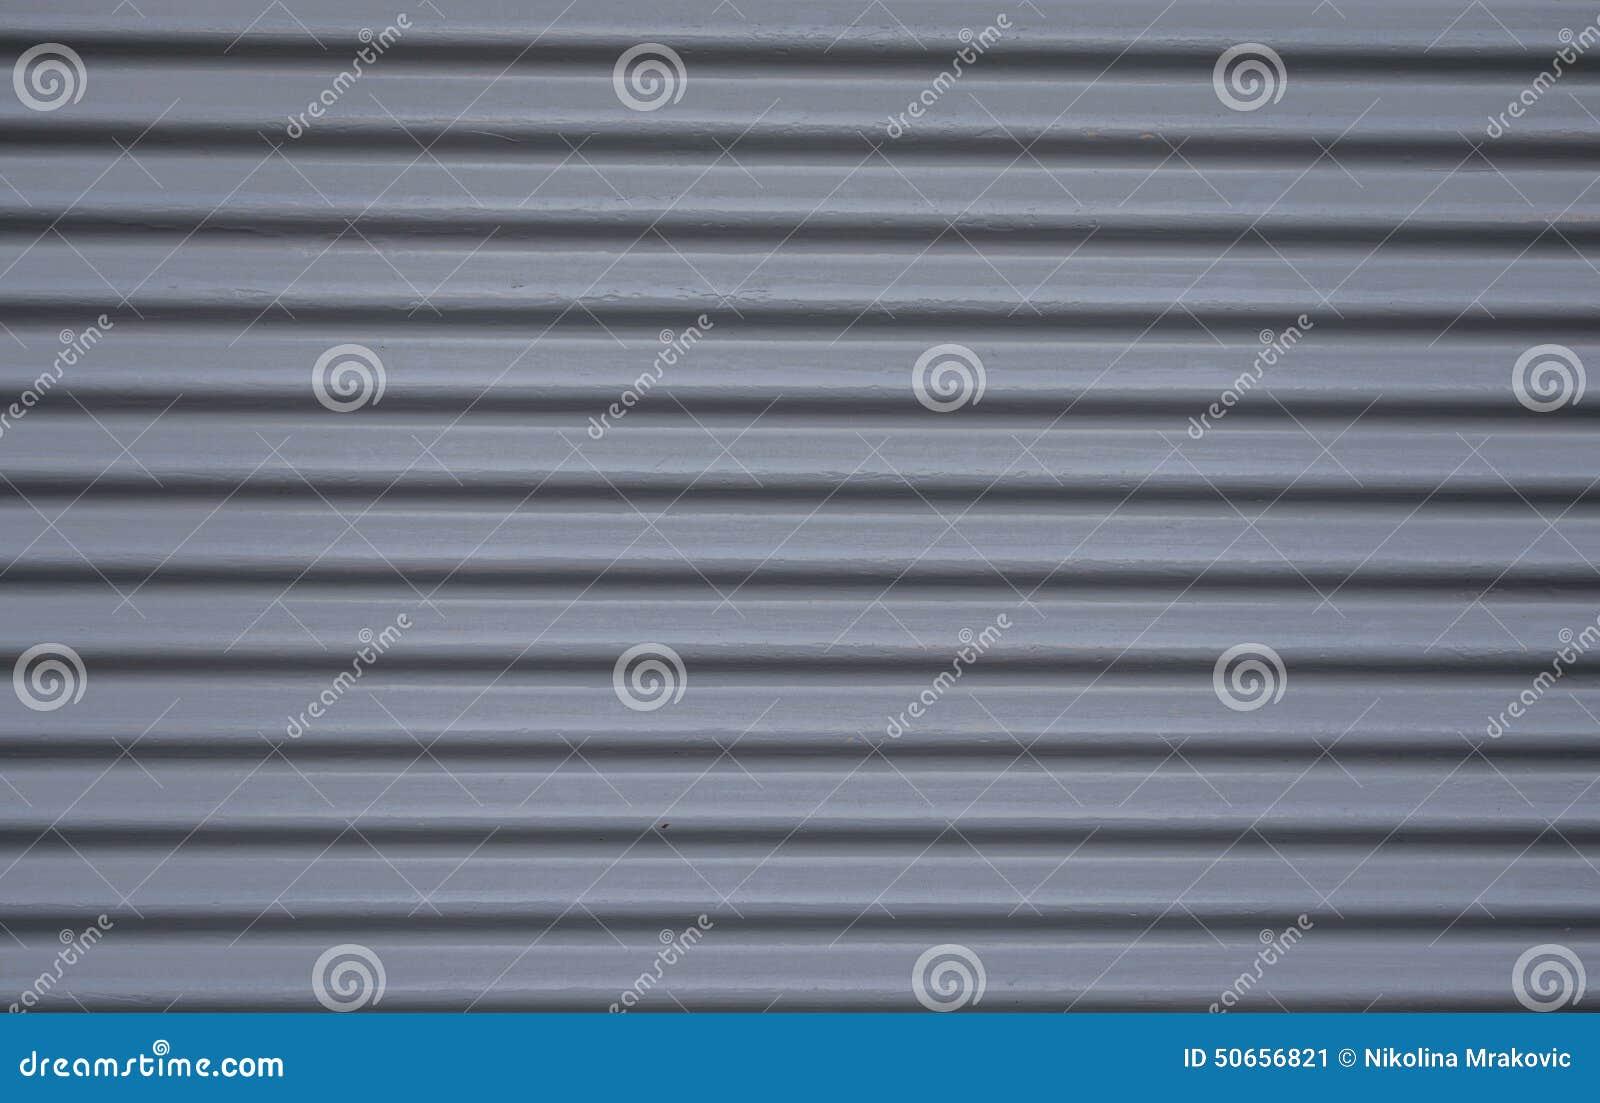 Steel garage grey doors